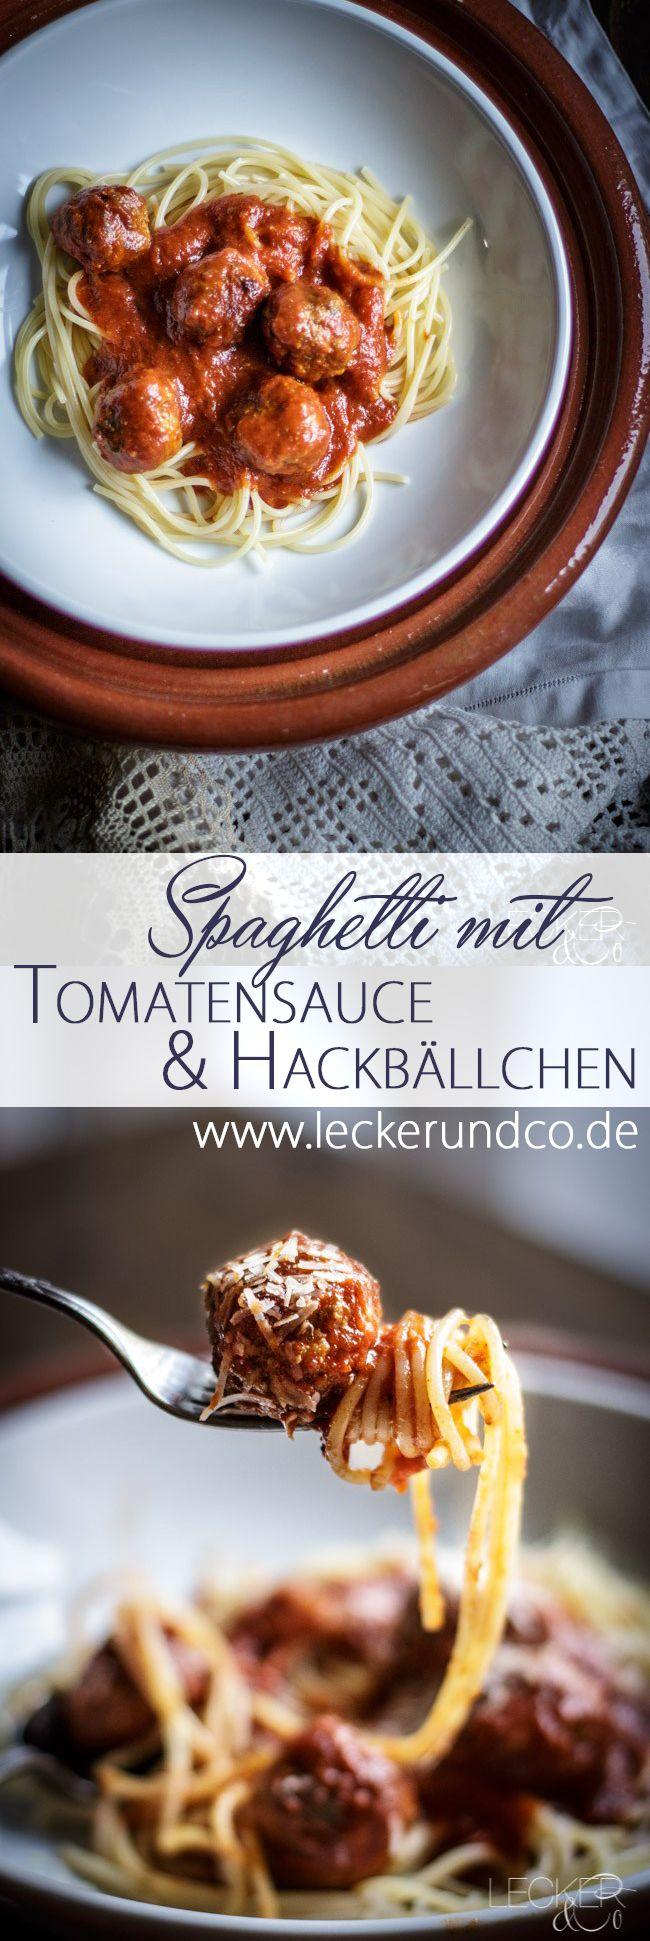 Spaghetti mit Hackbällchen und Tomatensauce